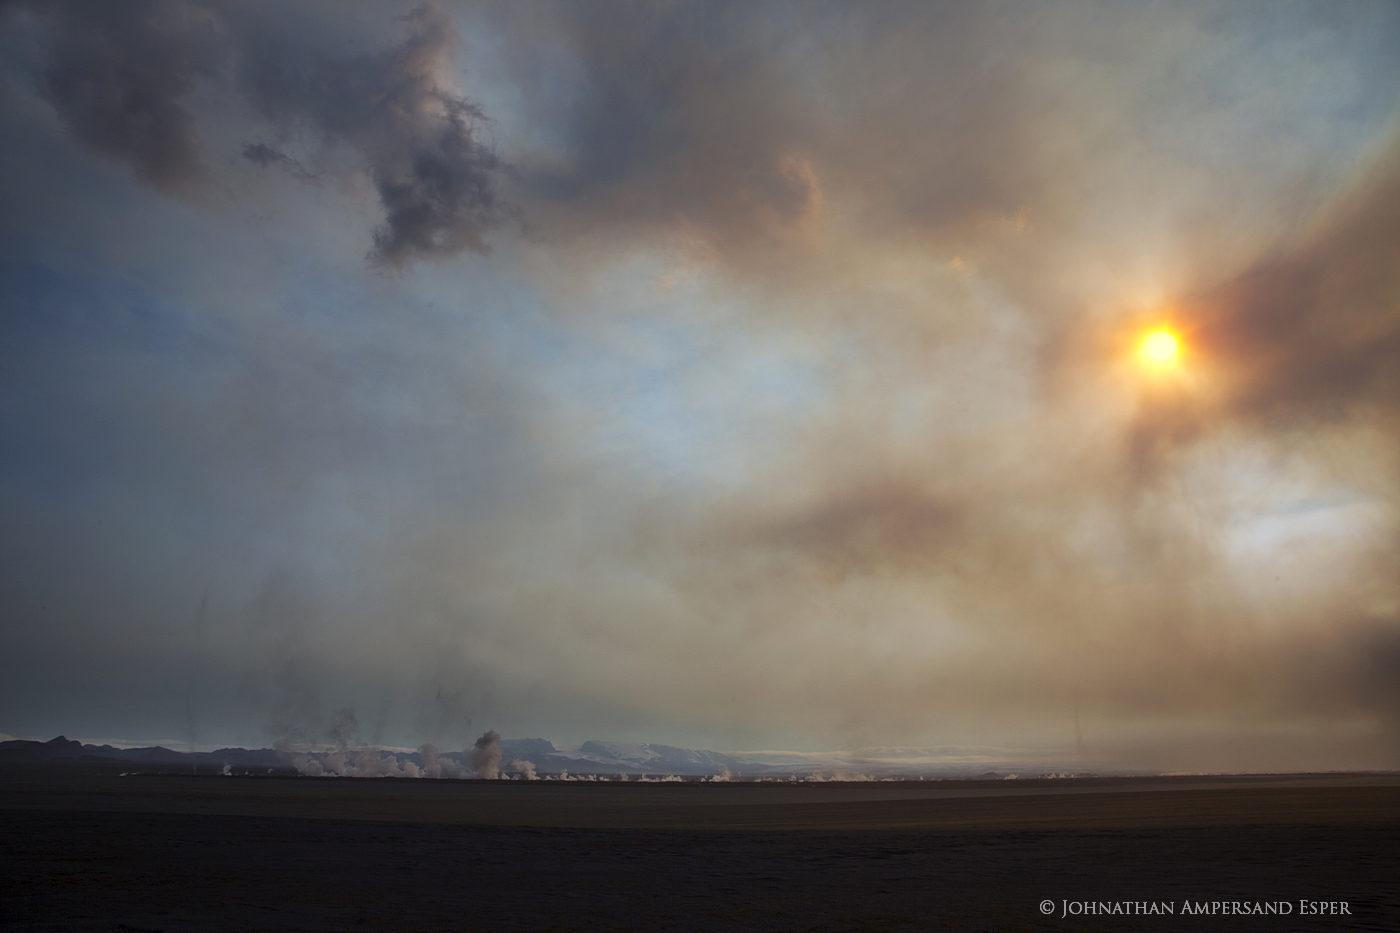 2014, Baugur, Bárðarbunga, Holuhraun, Iceland, Kverkfjöll, crater, erupting, eruption, flow, gas cloud, lava, sulfur dioxide, toxic gases, photo